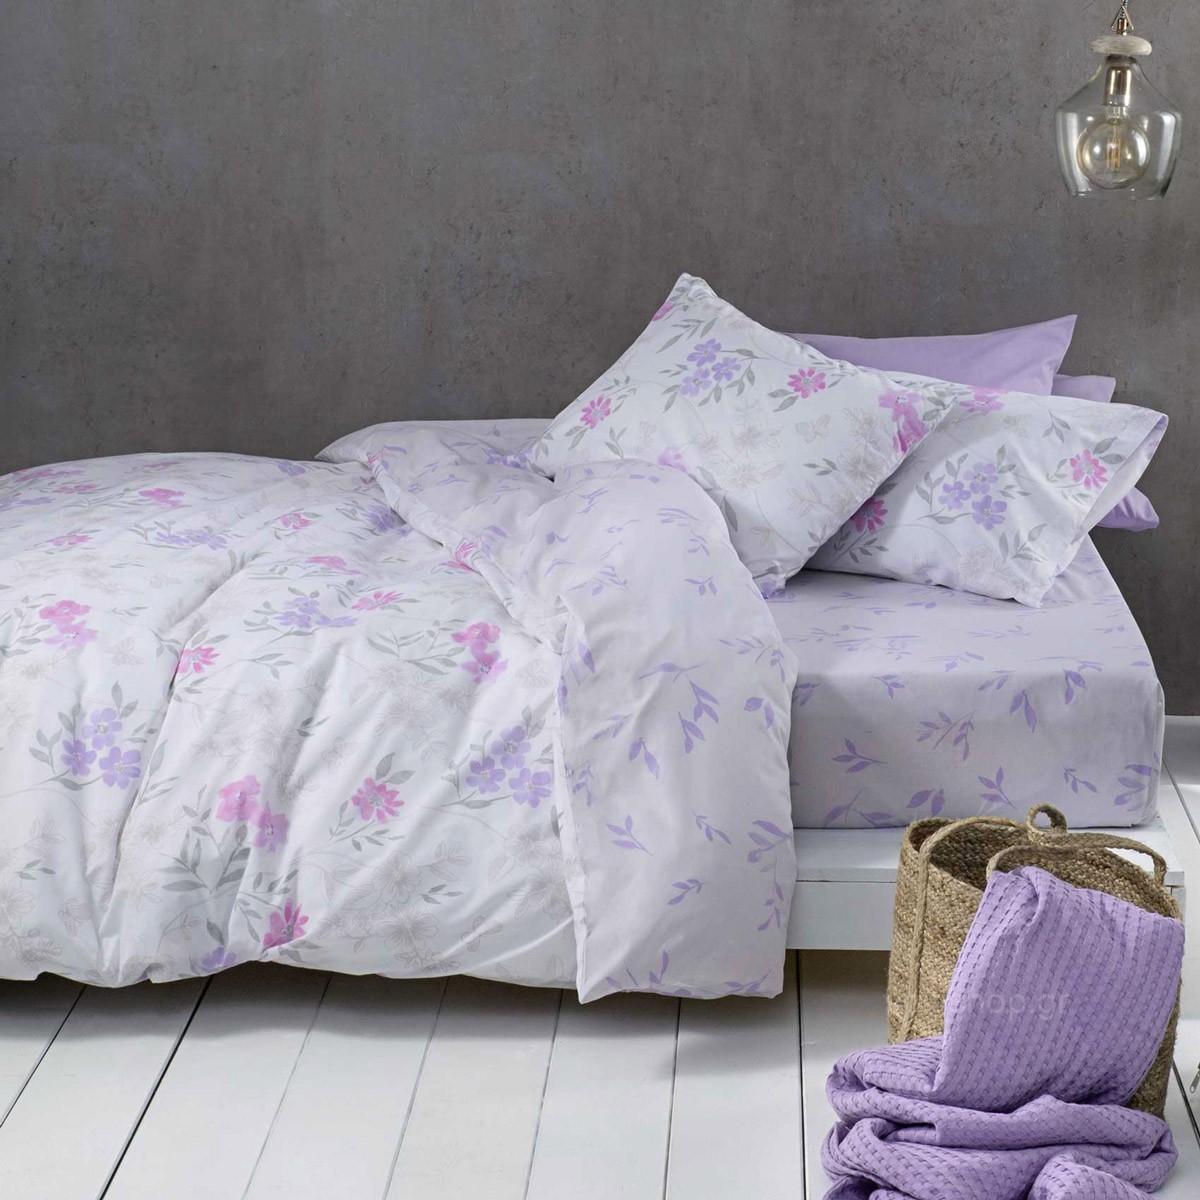 Σεντόνια Μονά (Σετ) Nima Bed Linen Lilian Pink ΧΩΡΙΣ ΛΑΣΤΙΧΟ ΧΩΡΙΣ ΛΑΣΤΙΧΟ home   κρεβατοκάμαρα   σεντόνια   σεντόνια μονά